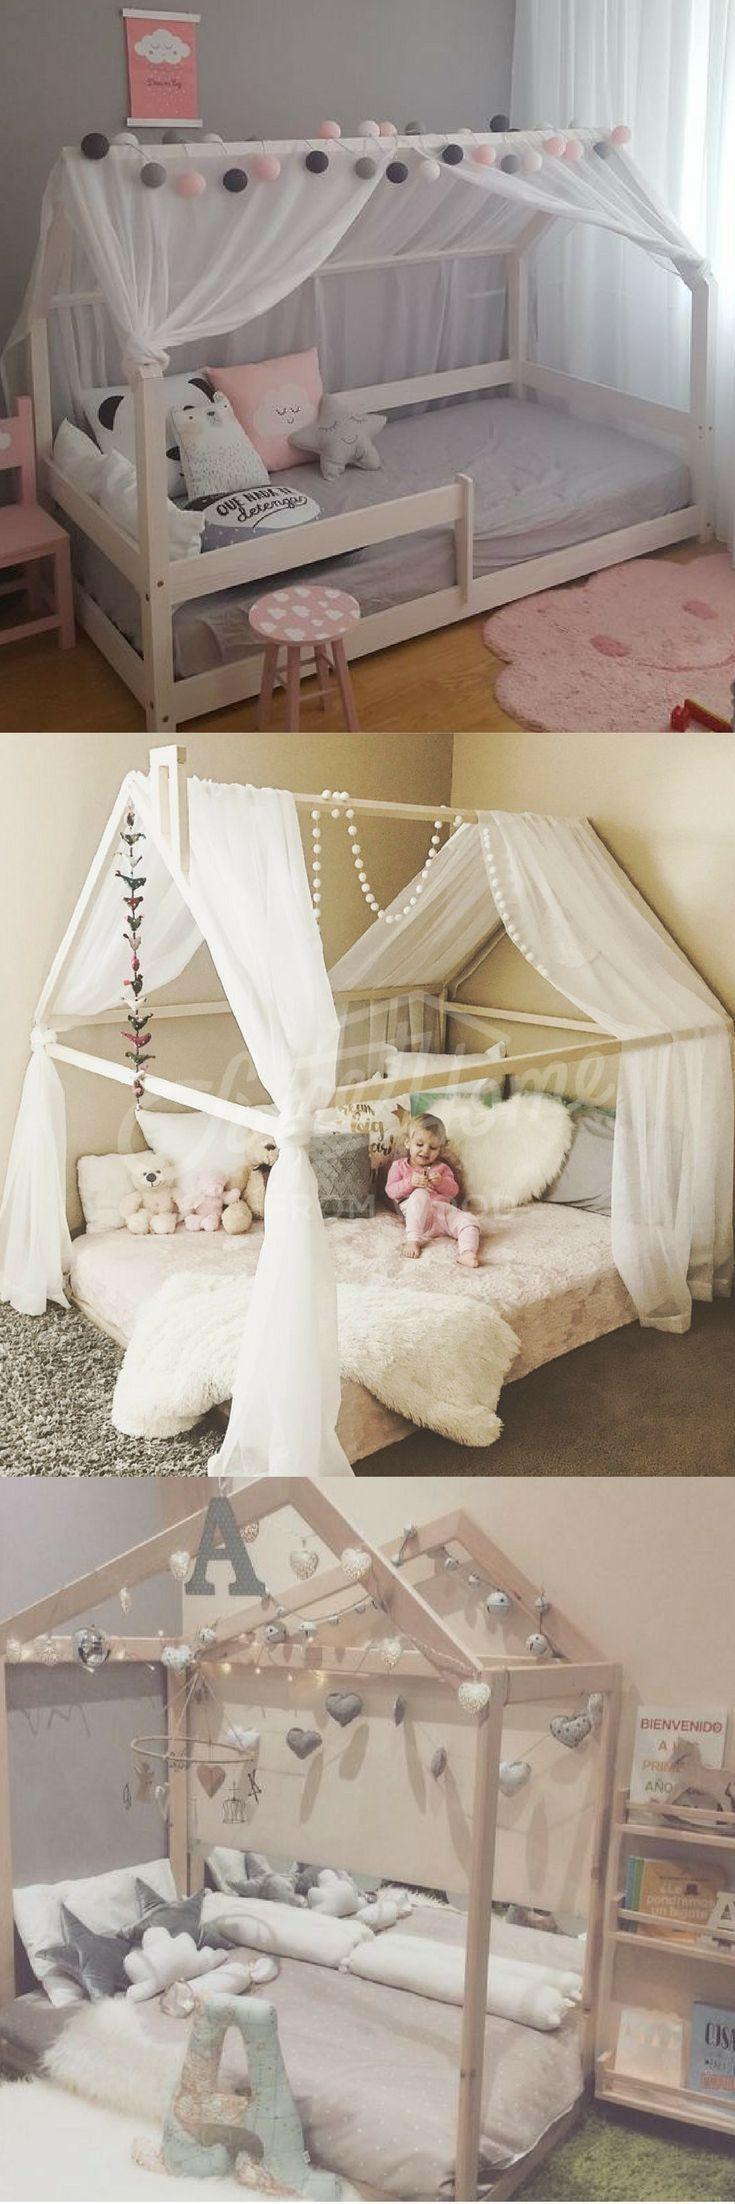 Hübsche Kinder- oder Kleinkindhausbettentwürfe. War nie ein Fan von Grau oder Pastell, nein